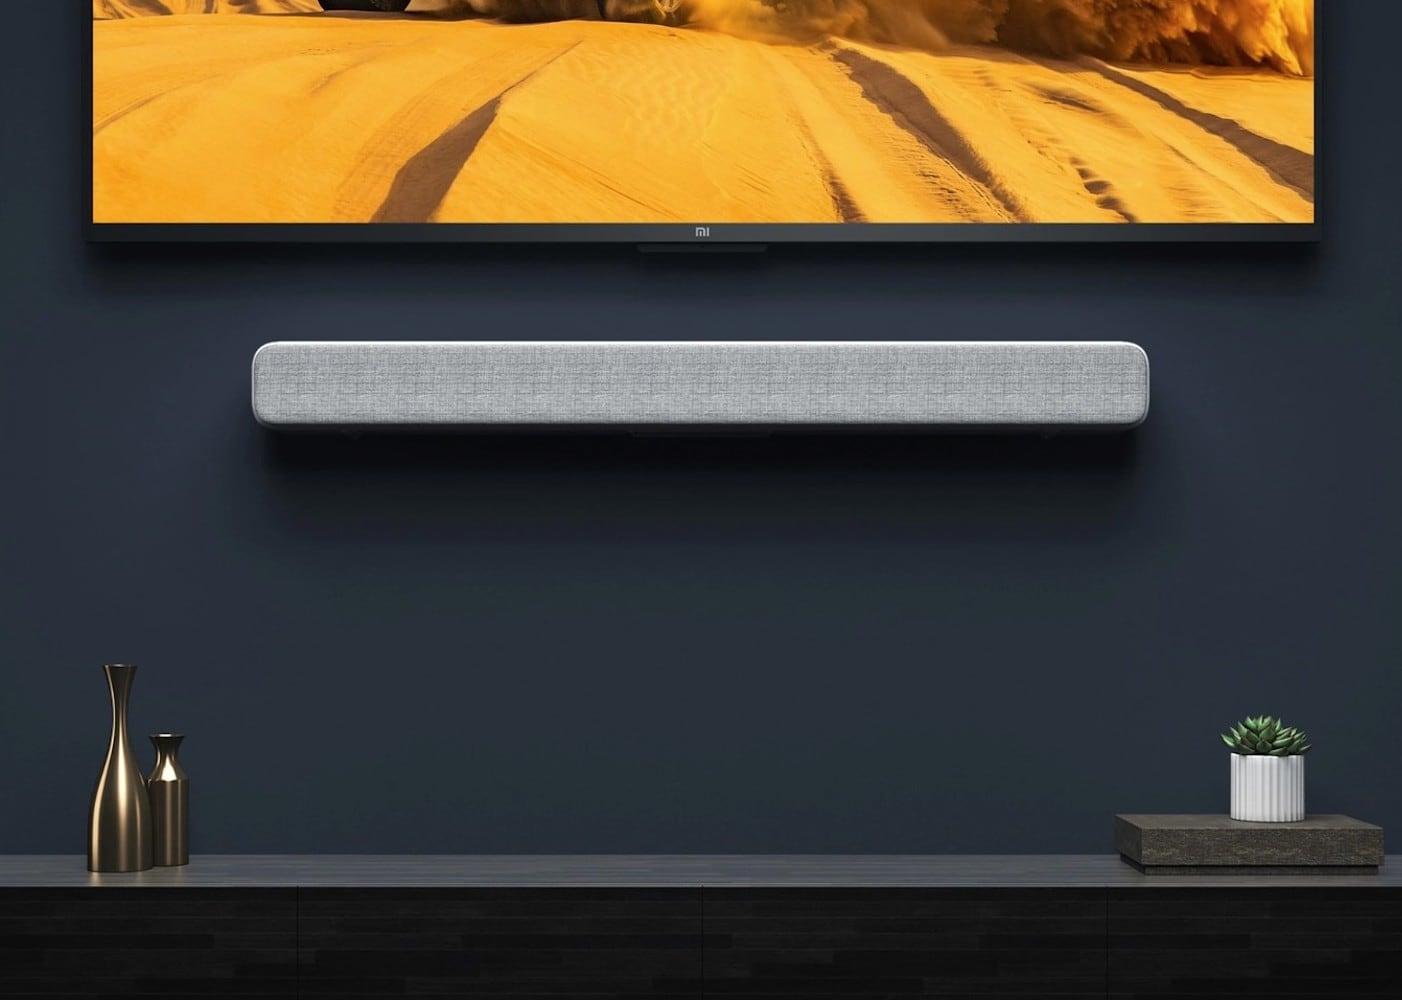 Xiaomi Mi Bluetooth TV Soundbar